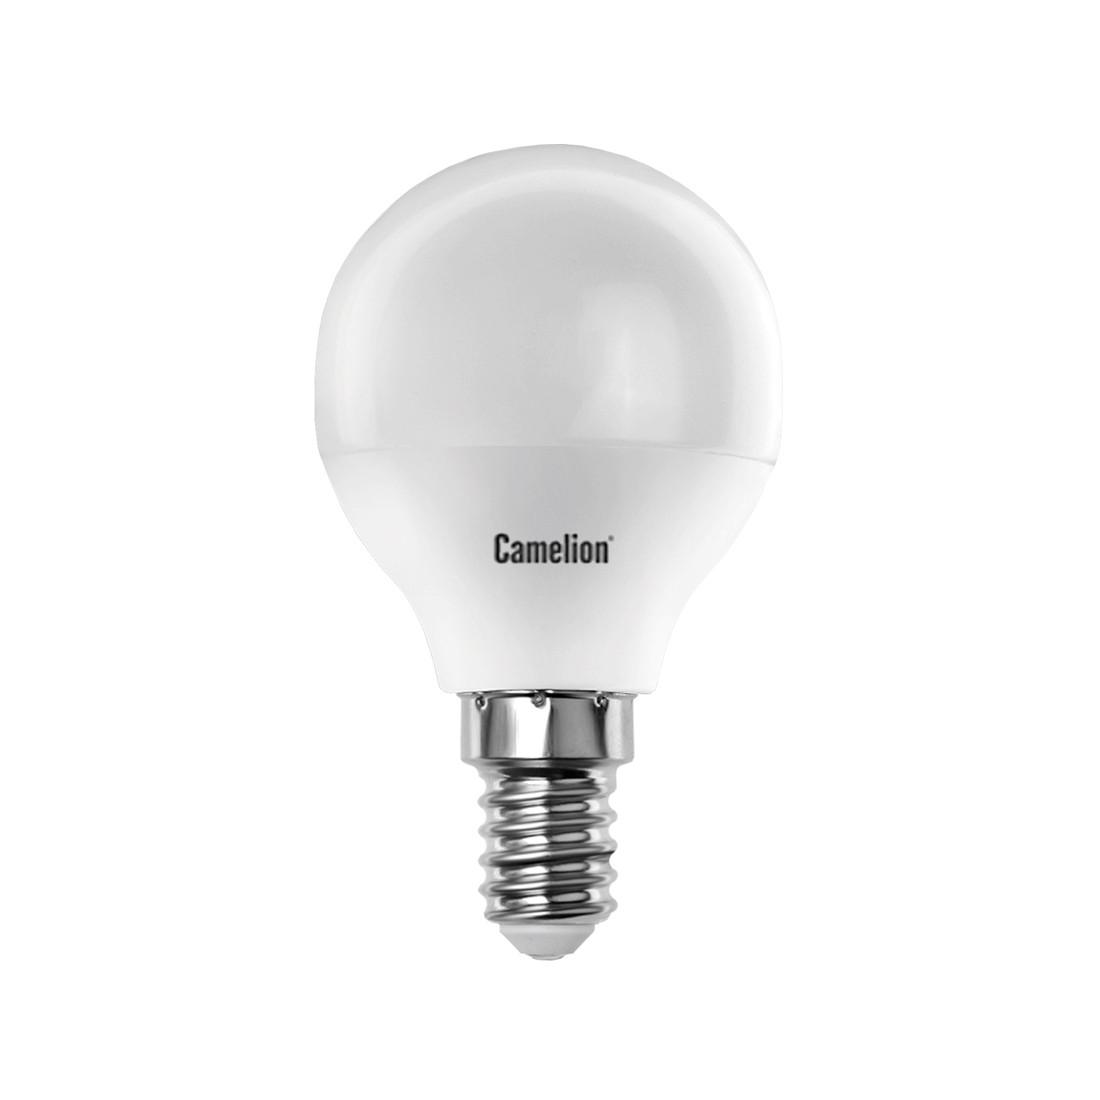 Лампа светодиодная Camelion G45/3000К/E14/7Вт, Тёплый